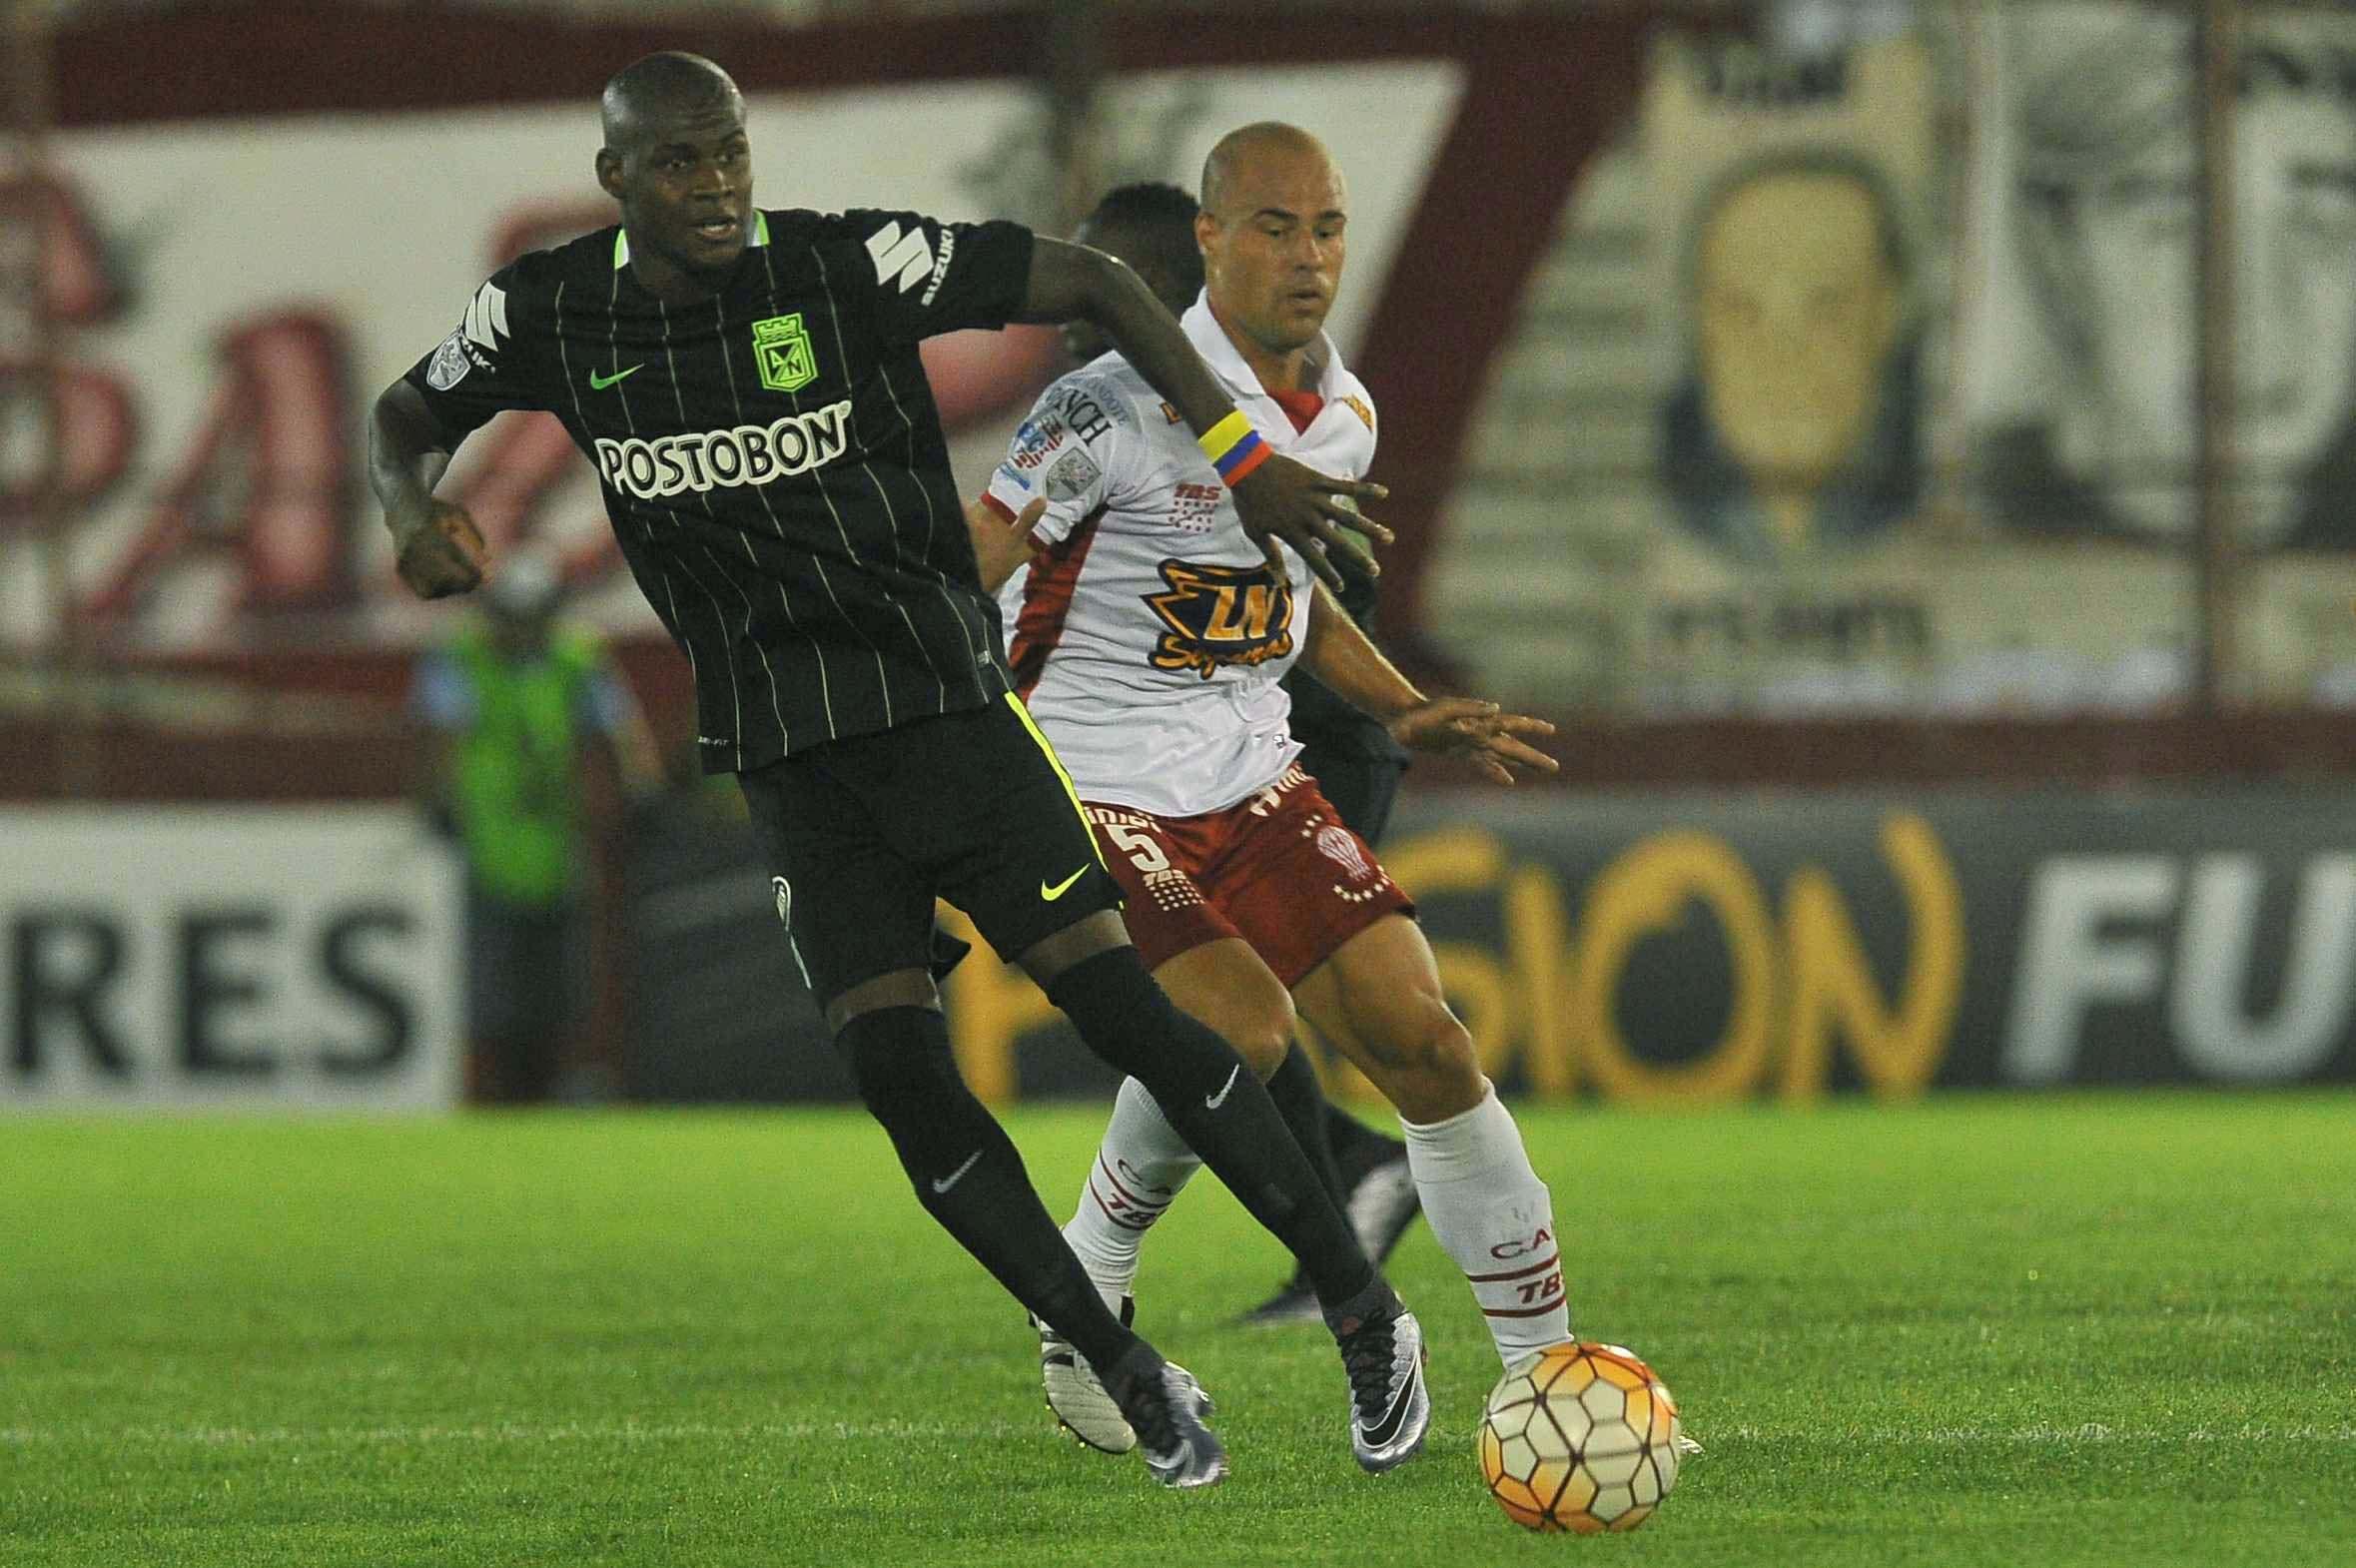 Tras el accidente, Huracán perdió ante Atlético Nacional en el Ducó